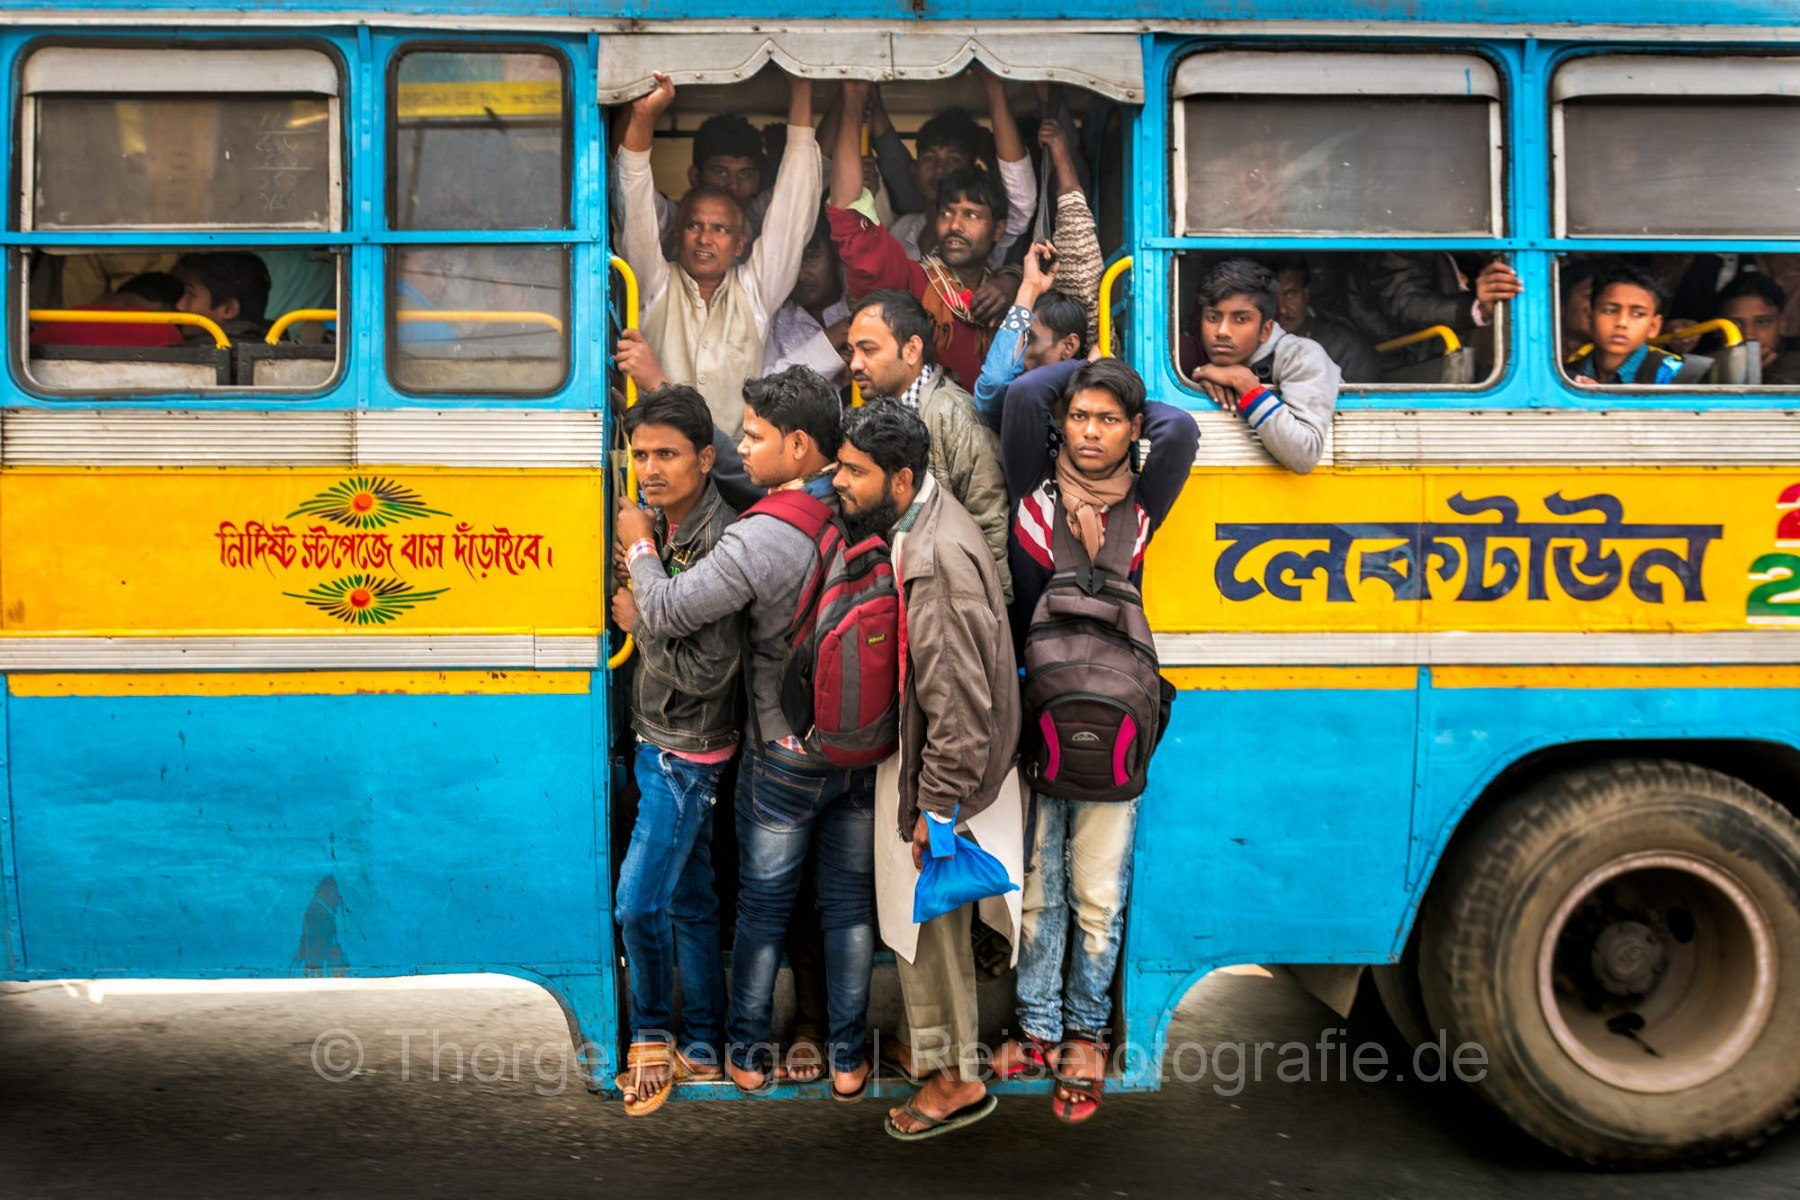 Traffic in Kolkata